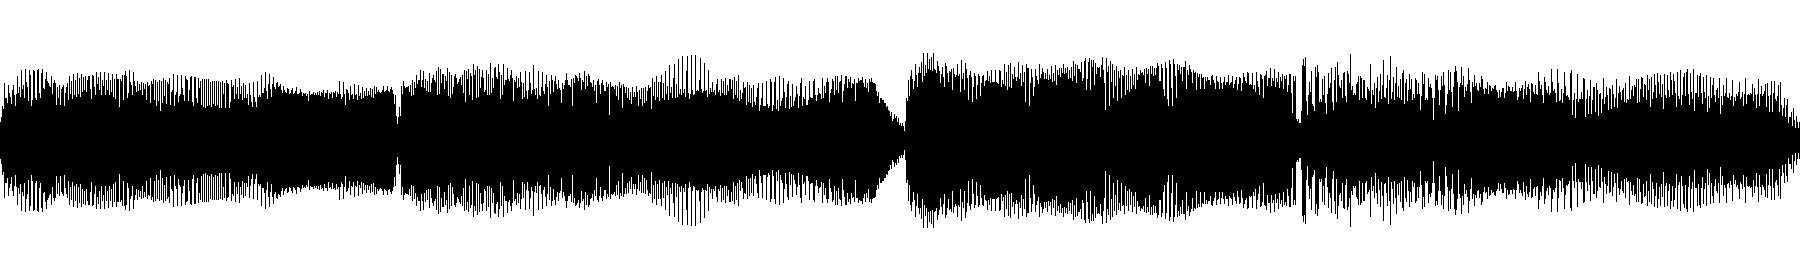 ueb hm syn127line solaris adaaad